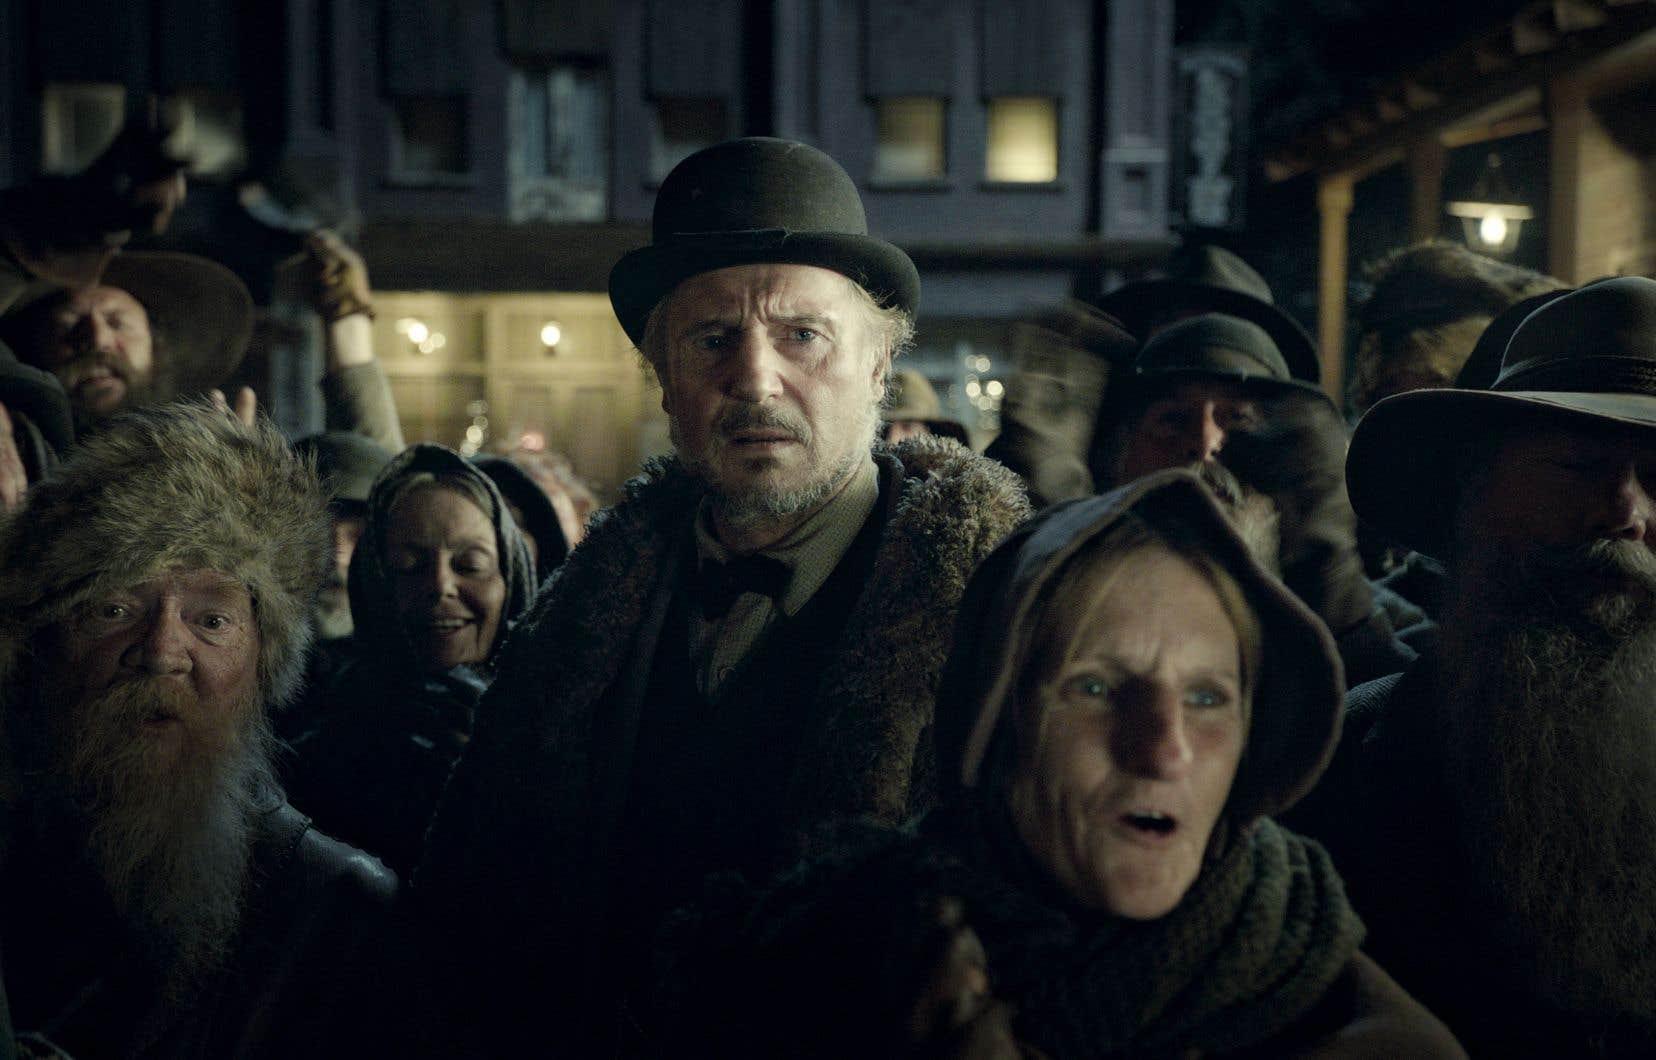 Liam Neeson joue le rôle d'un forain qui peine à subsister avec son spectacle.